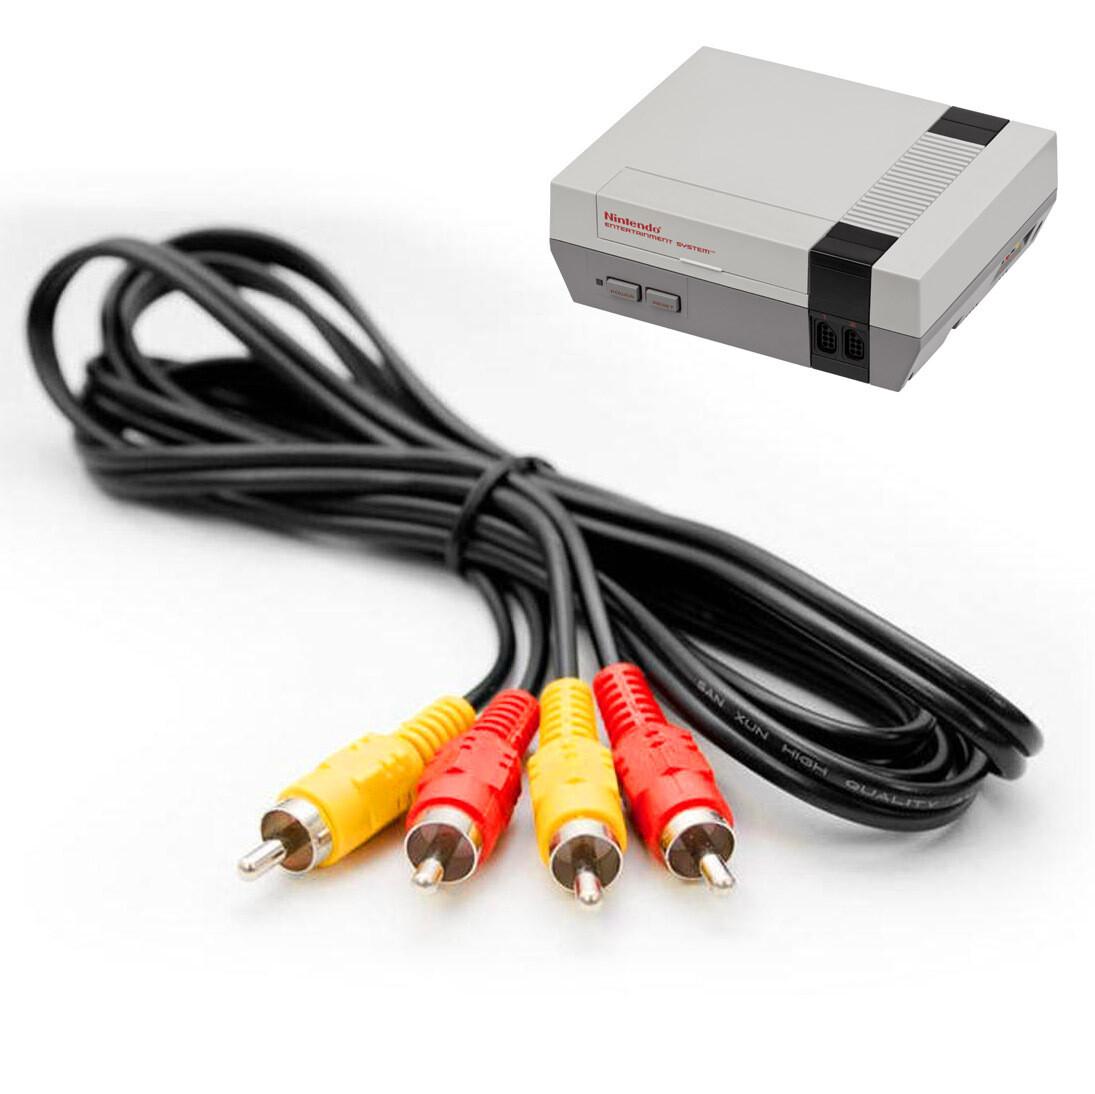 Nintendo NES AV Cable (RCA Composite)